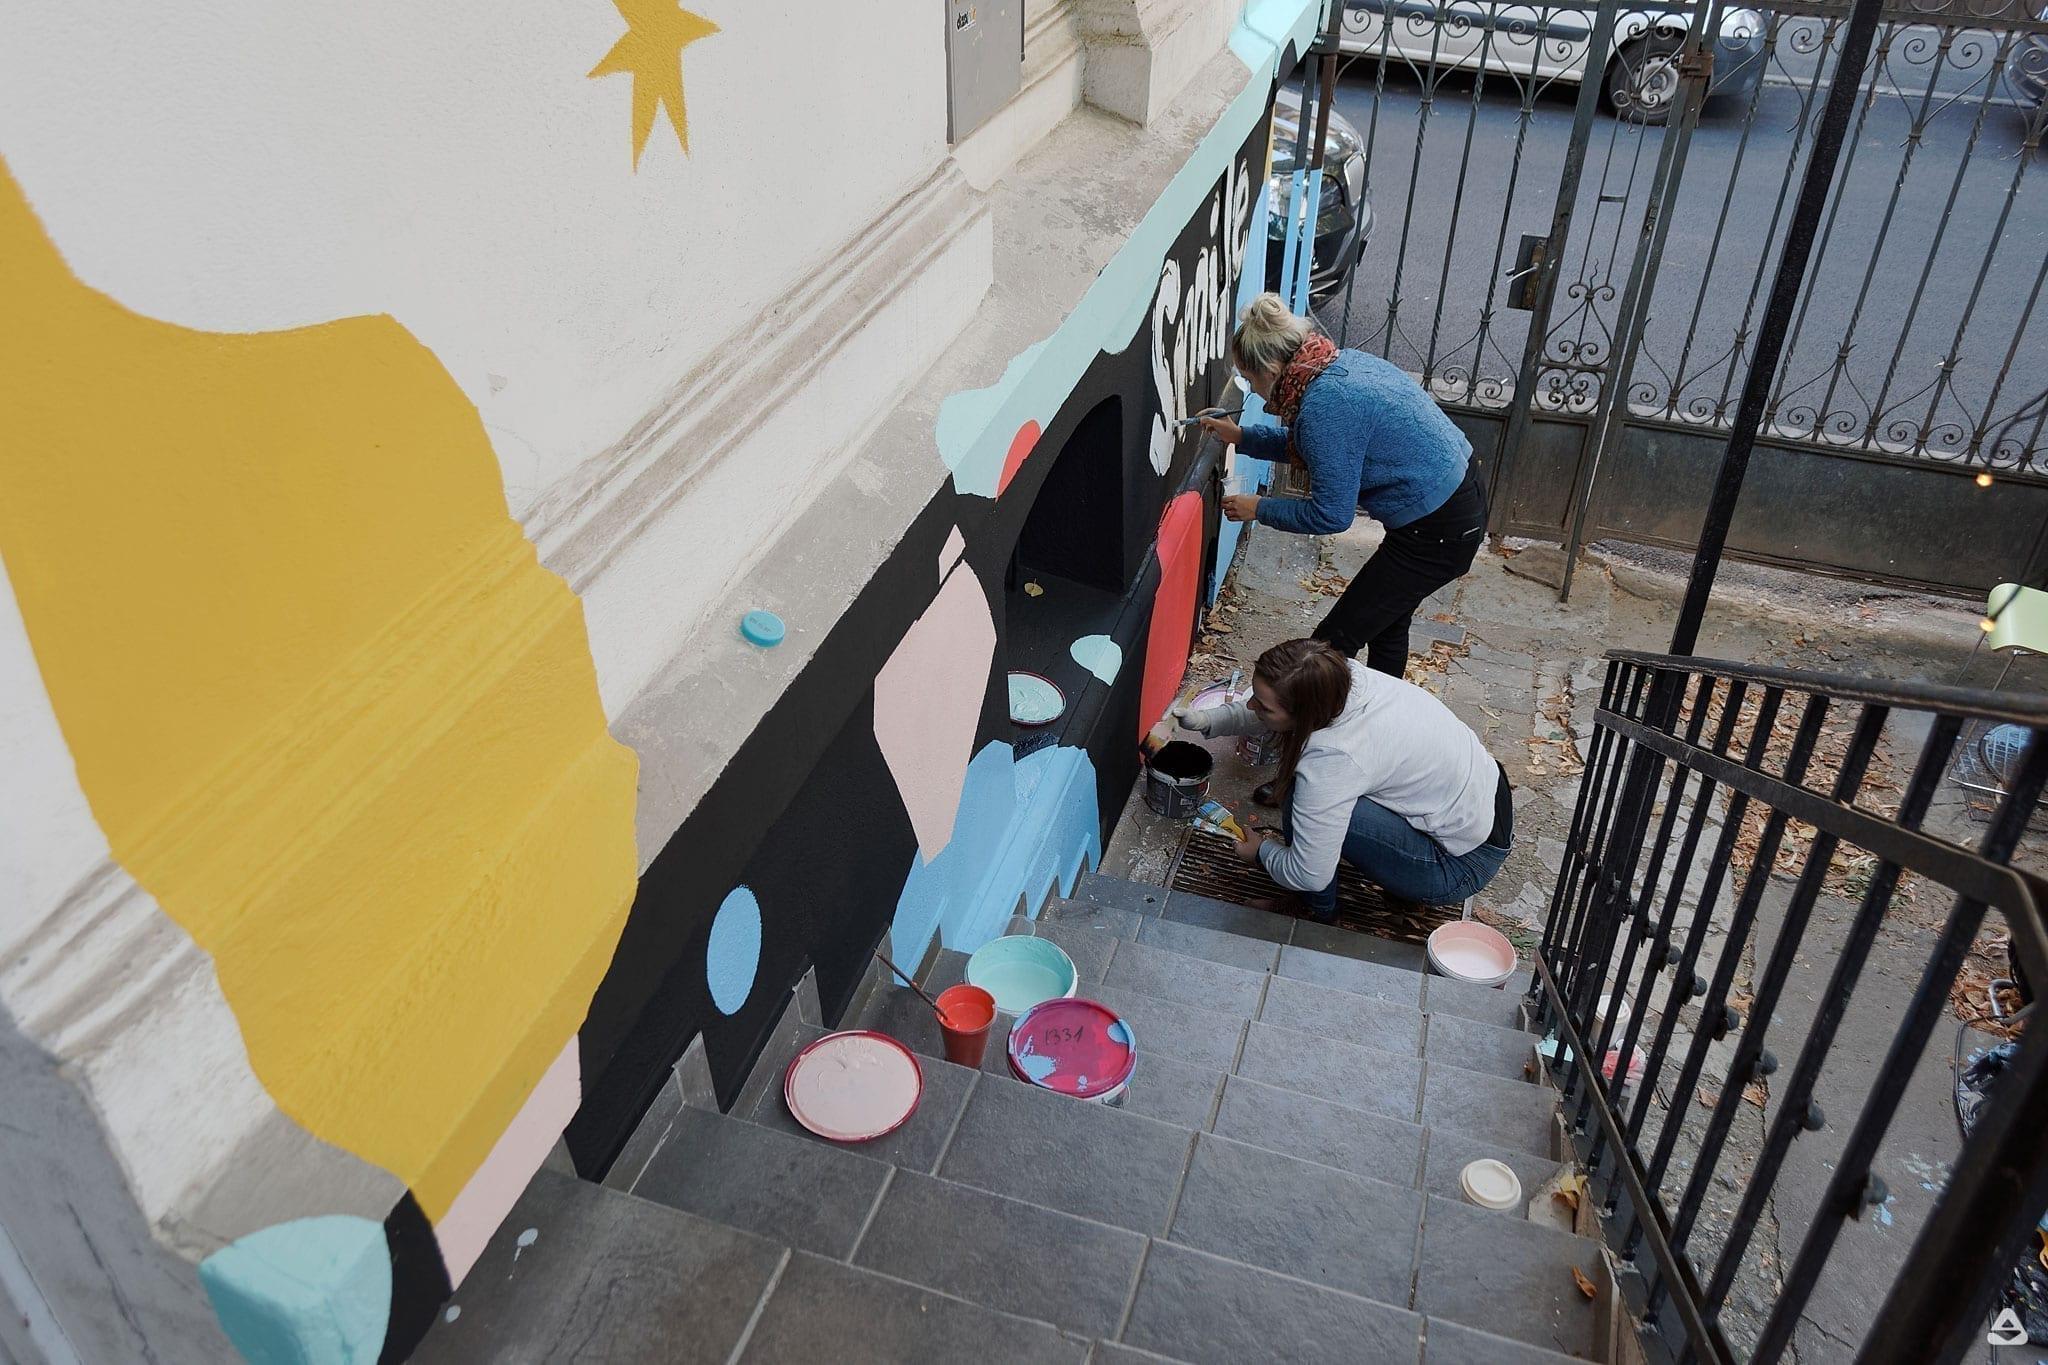 Un-hidden Bucharest Livi Po mural Dizainăr